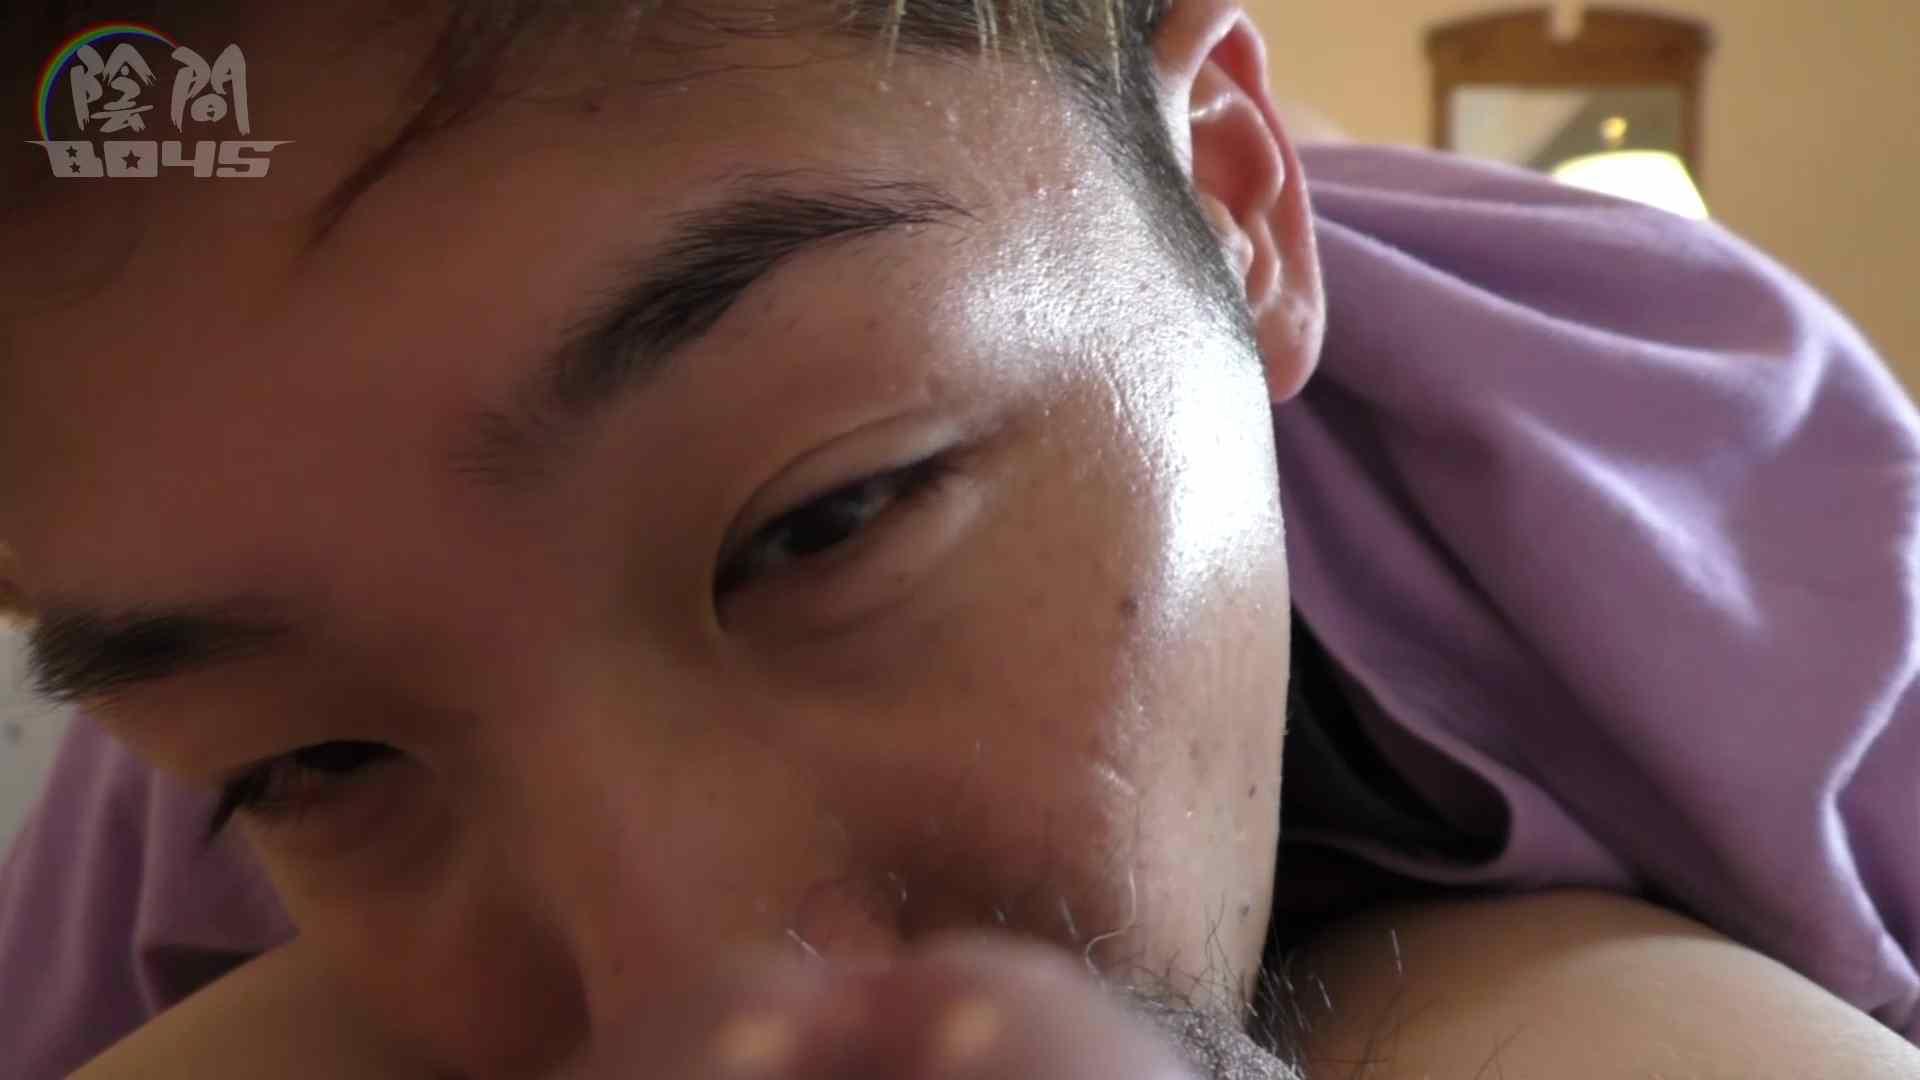 デカチン探偵・かしこまり!Part1File.06 フェラ天国   童顔ボーイズ  86枚 21